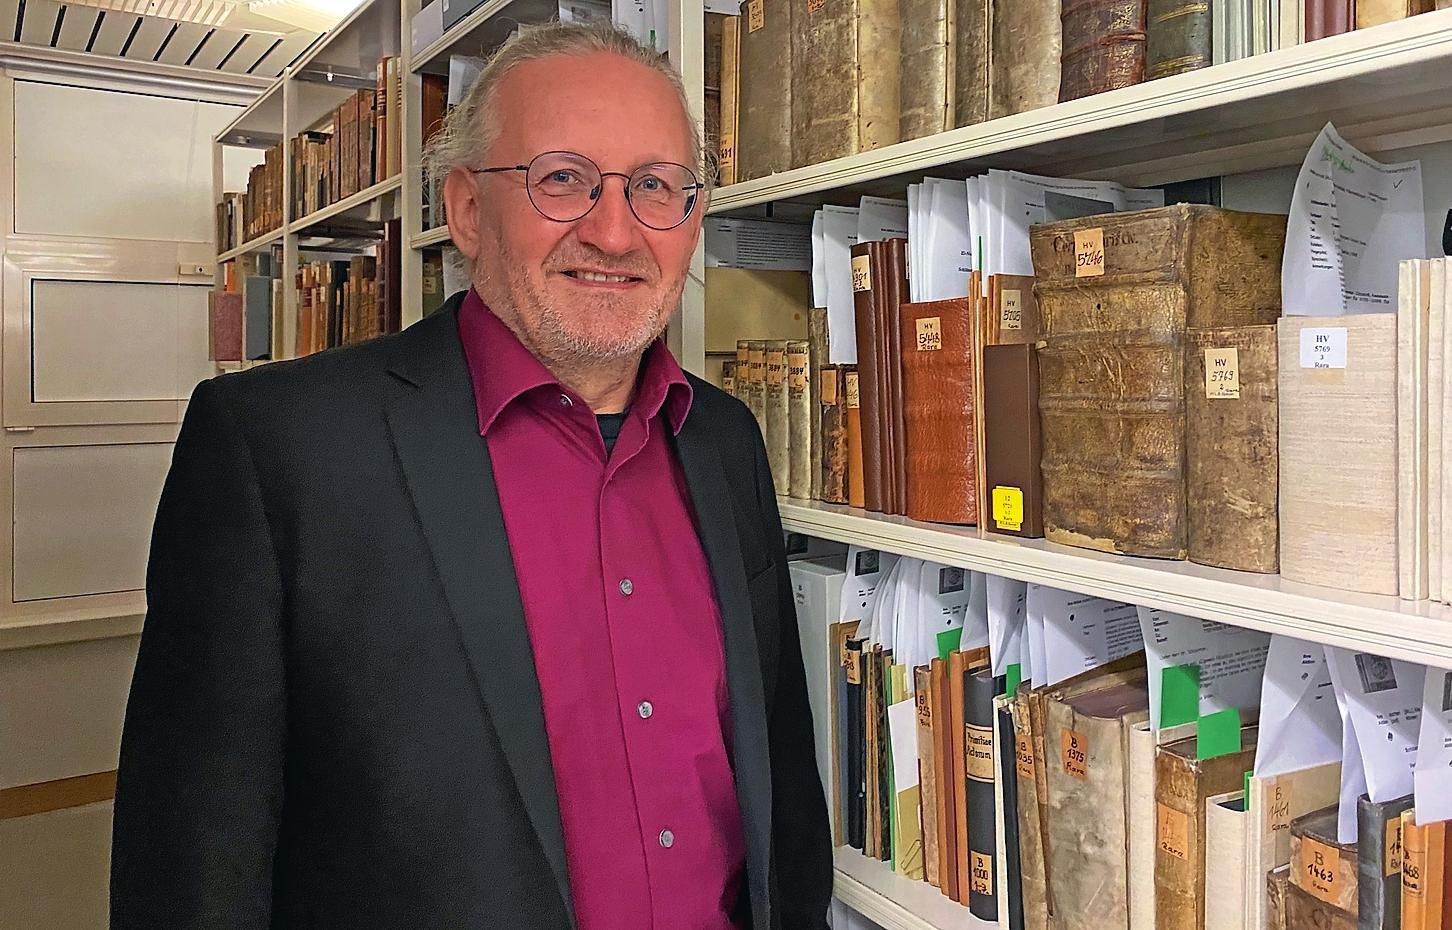 Armin Schlechter ist seit 2016 Vorsitzender der Bezirksgruppe Speyer des Historischen Vereins der Pfalz. FOTO: NARIN UGRASANER